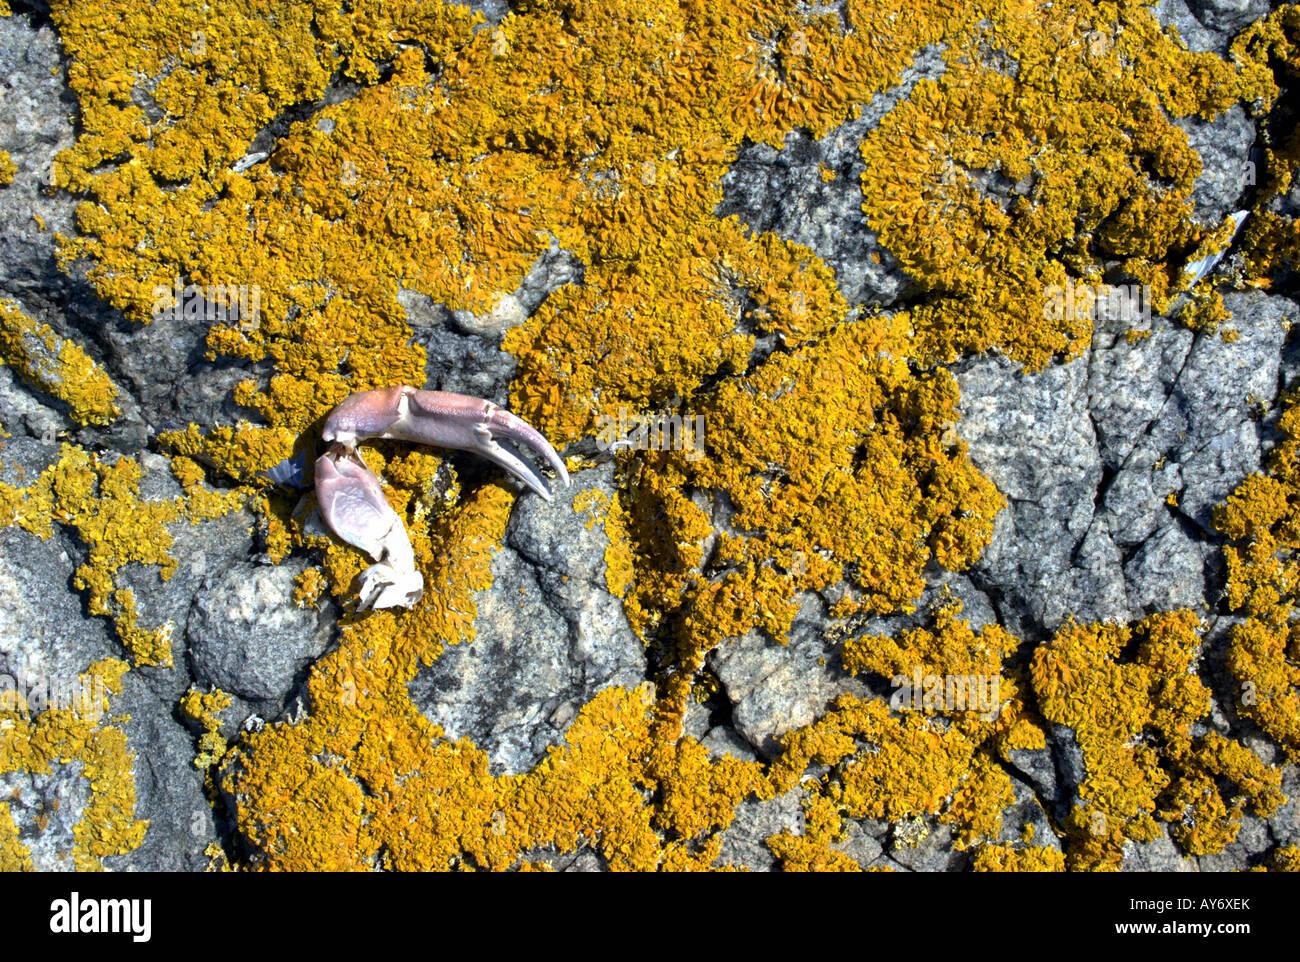 Une pince de crabe a été laissé par les mouettes sur le lichen-couverts d'une petite île Photo Stock